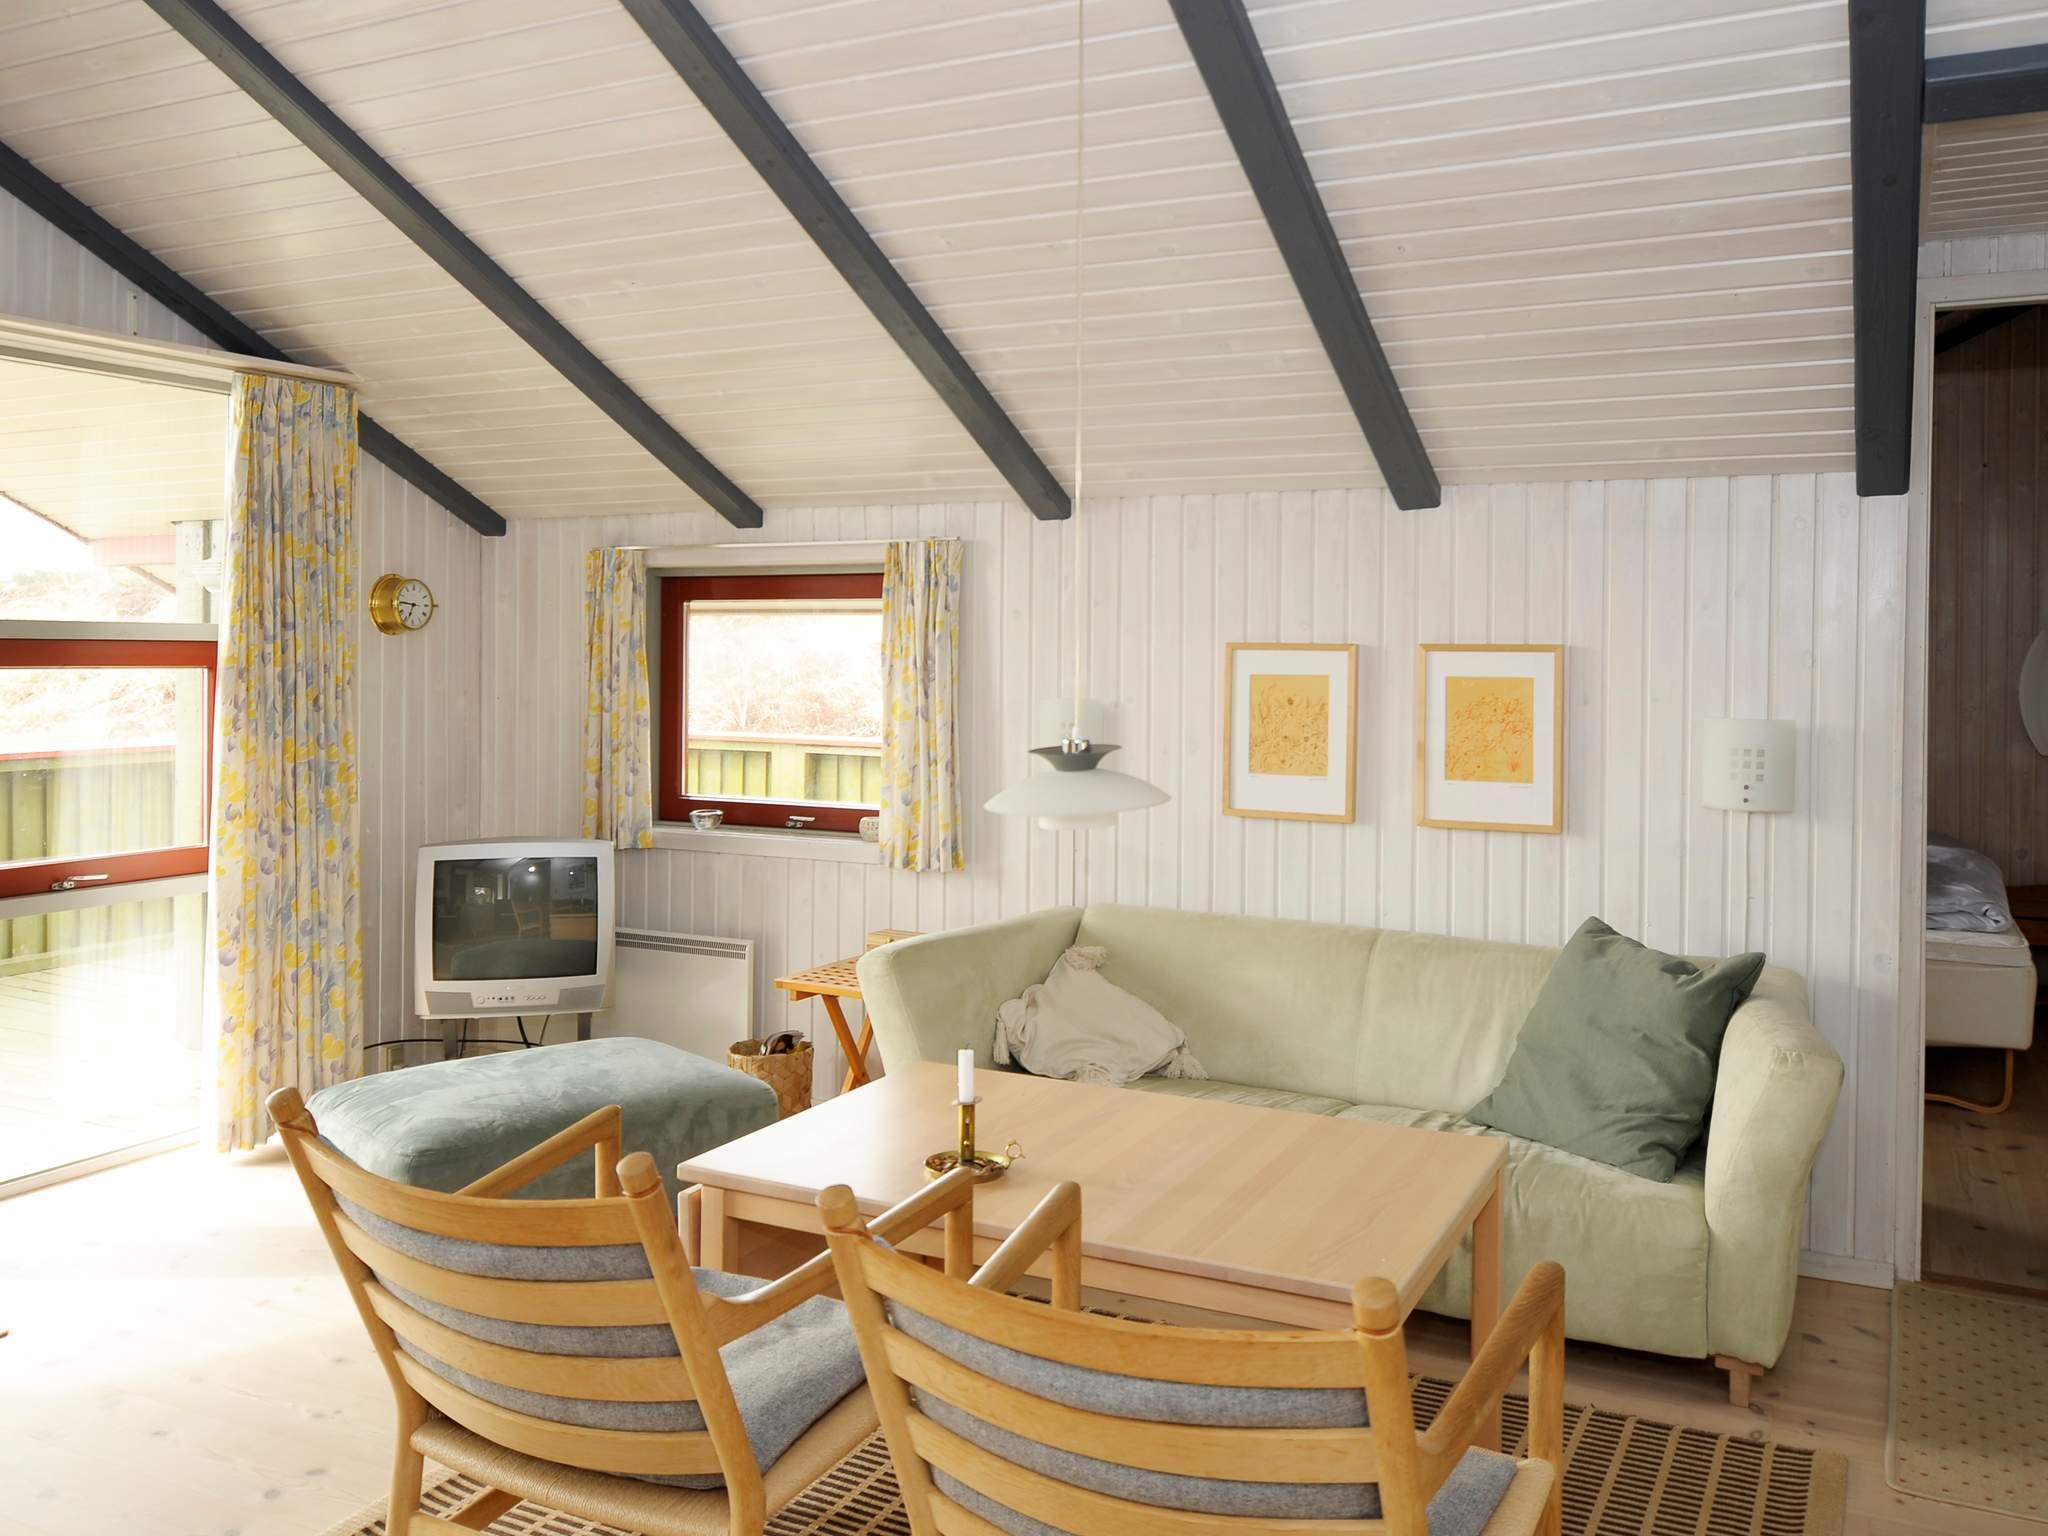 Ferienhaus Vejers Strand (88531), Vejers Strand, , Westjütland, Dänemark, Bild 2